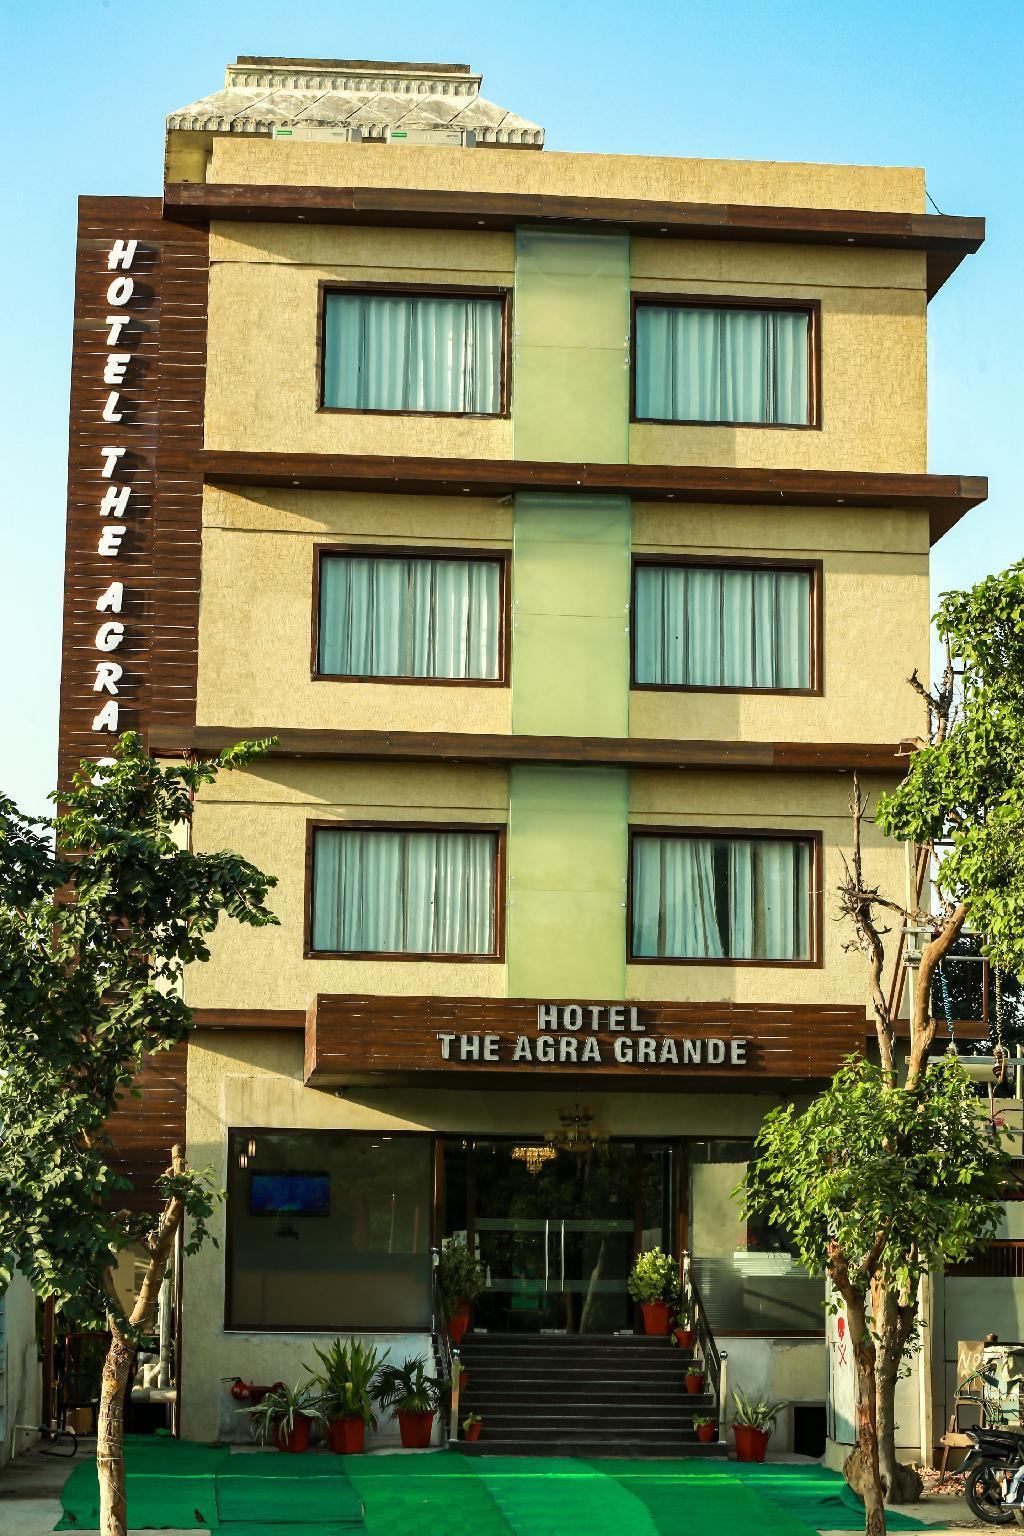 Hotel The Agra Grande